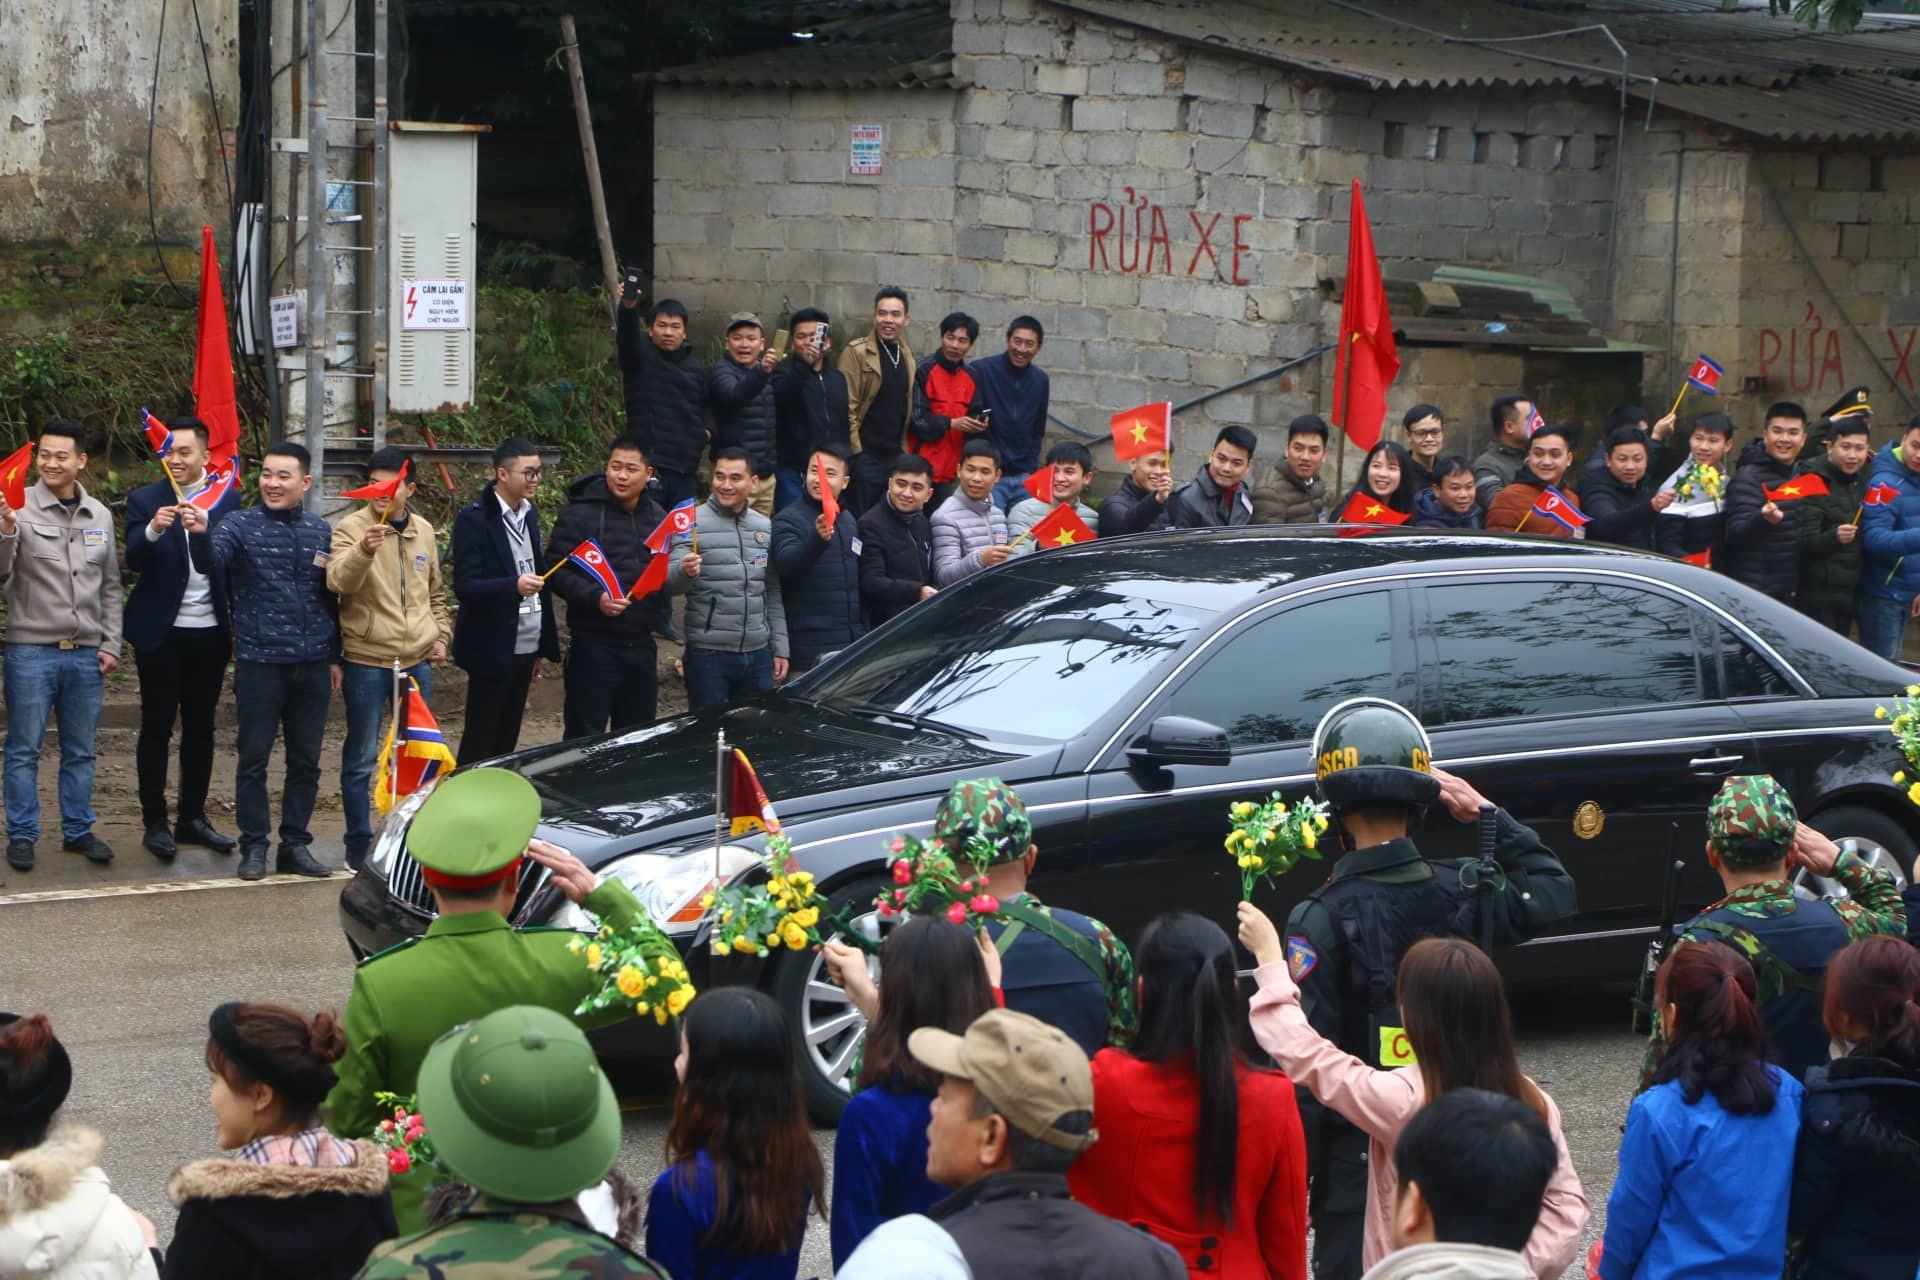 Toàn cảnh đón Chủ tịch Triều Tiên Kim Jong-un tại Việt Nam - Ảnh 19.